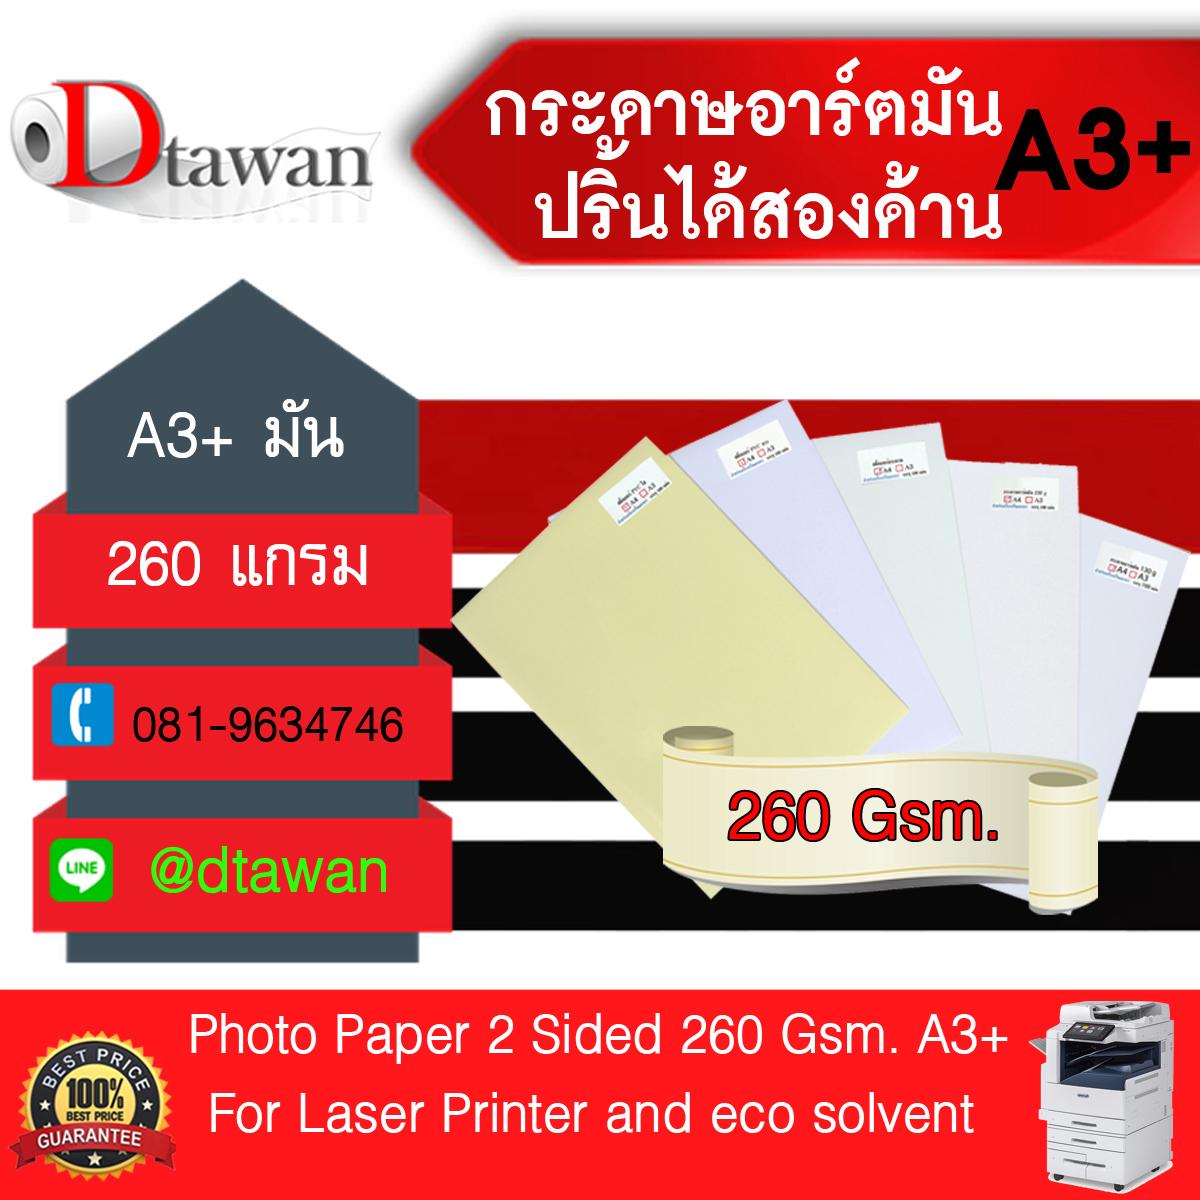 กระดาษอาร์ตมัน 2หน้า 260g (260แกรม) ขนาด A3+ (13x19นิ้ว)